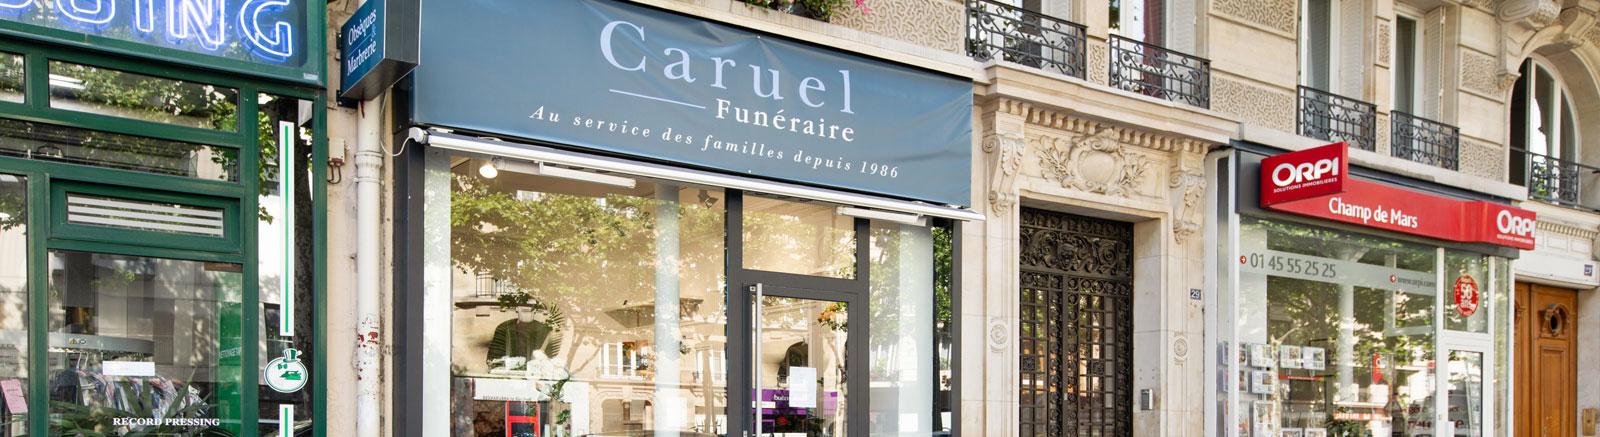 facade-caruel-paris